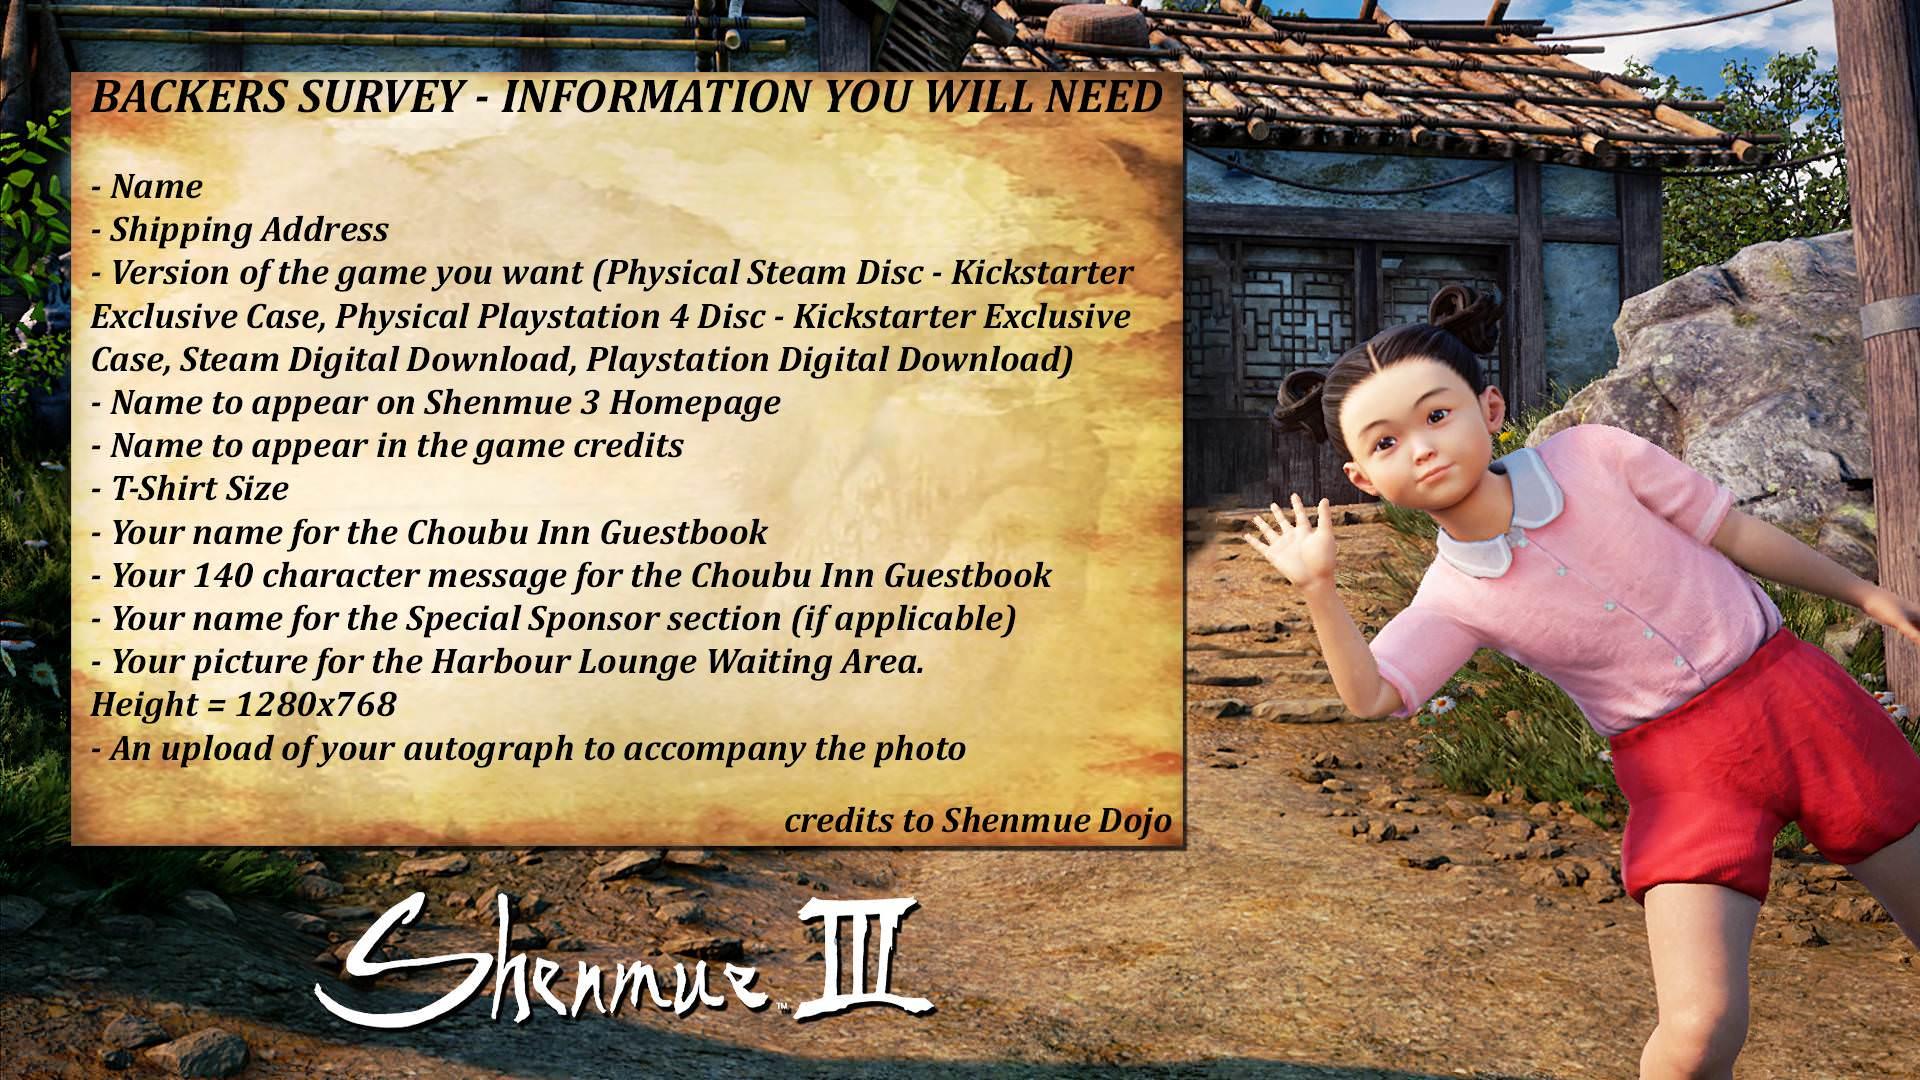 Sondaggio: avete aumentato la vostra quota di finanziamento per Shenmue 3?